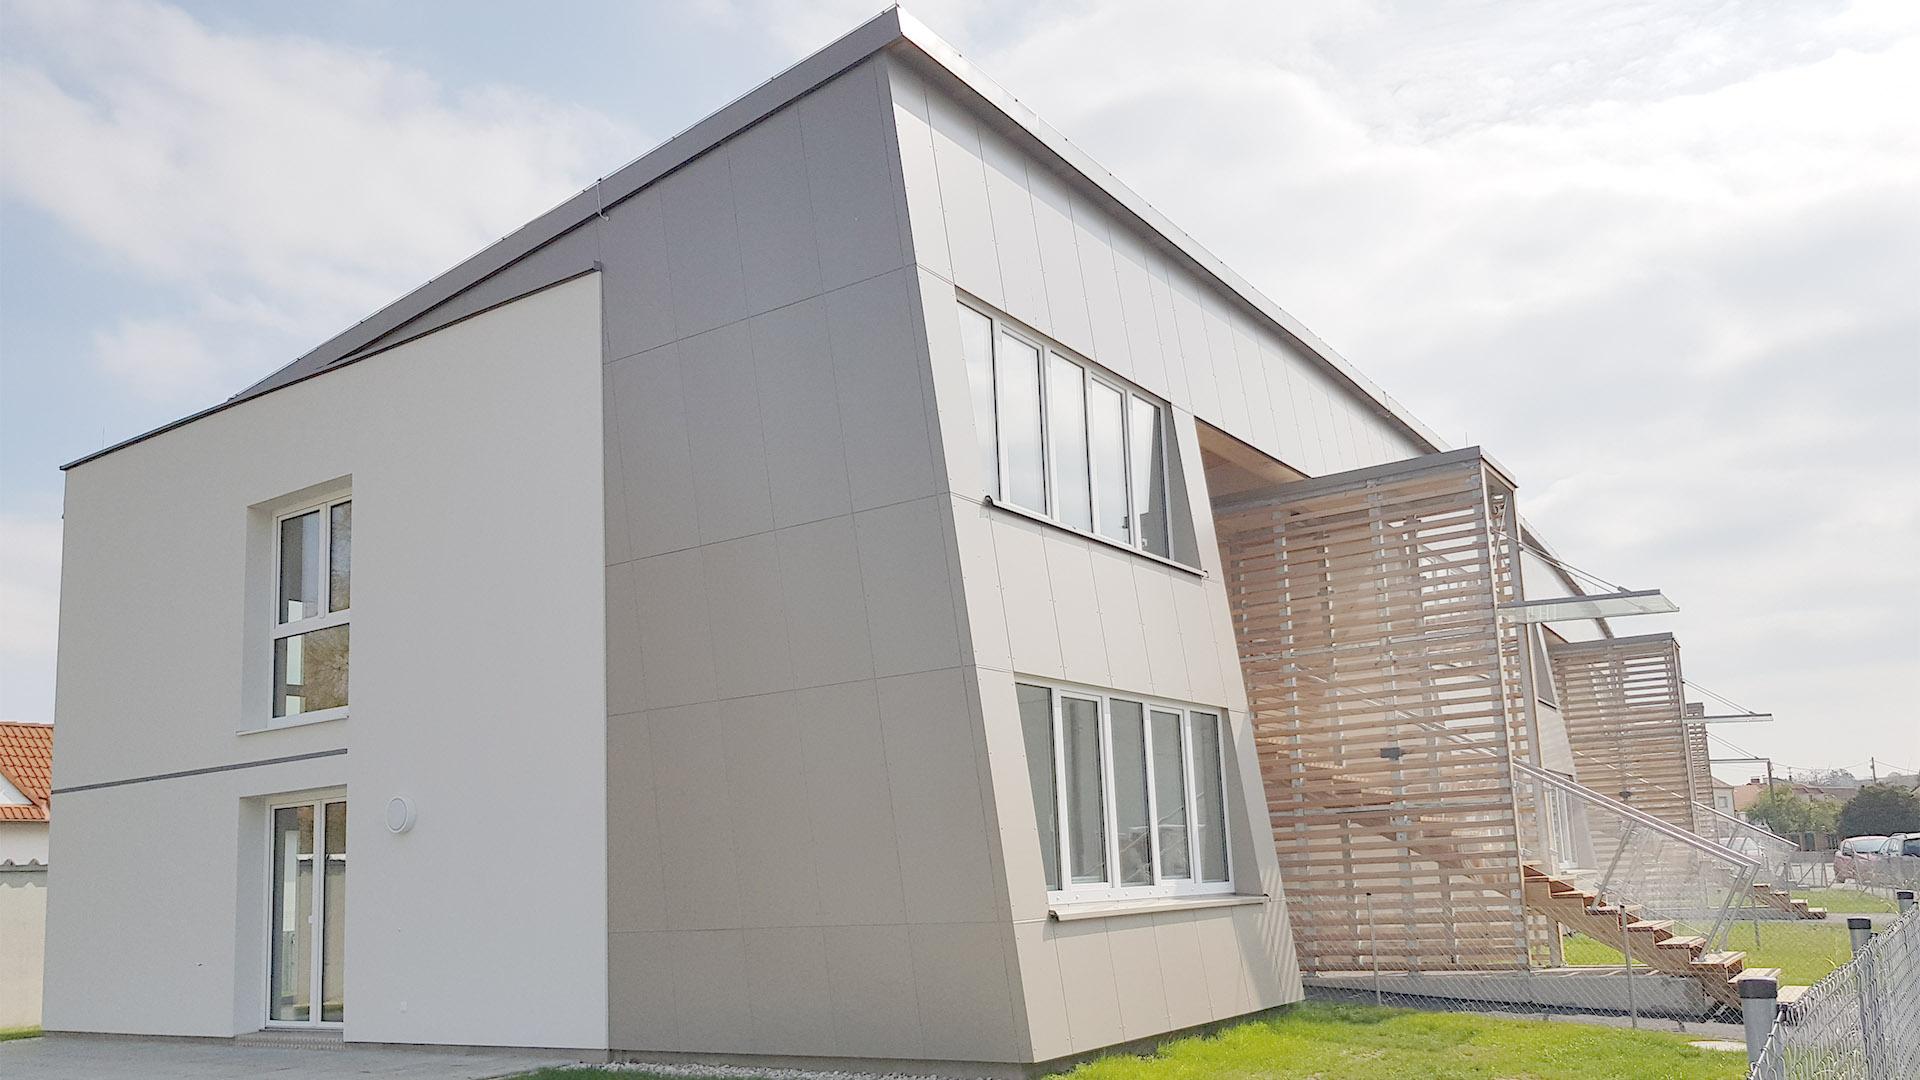 holzbau wohnhausanlage hohenruppersdorf architektur